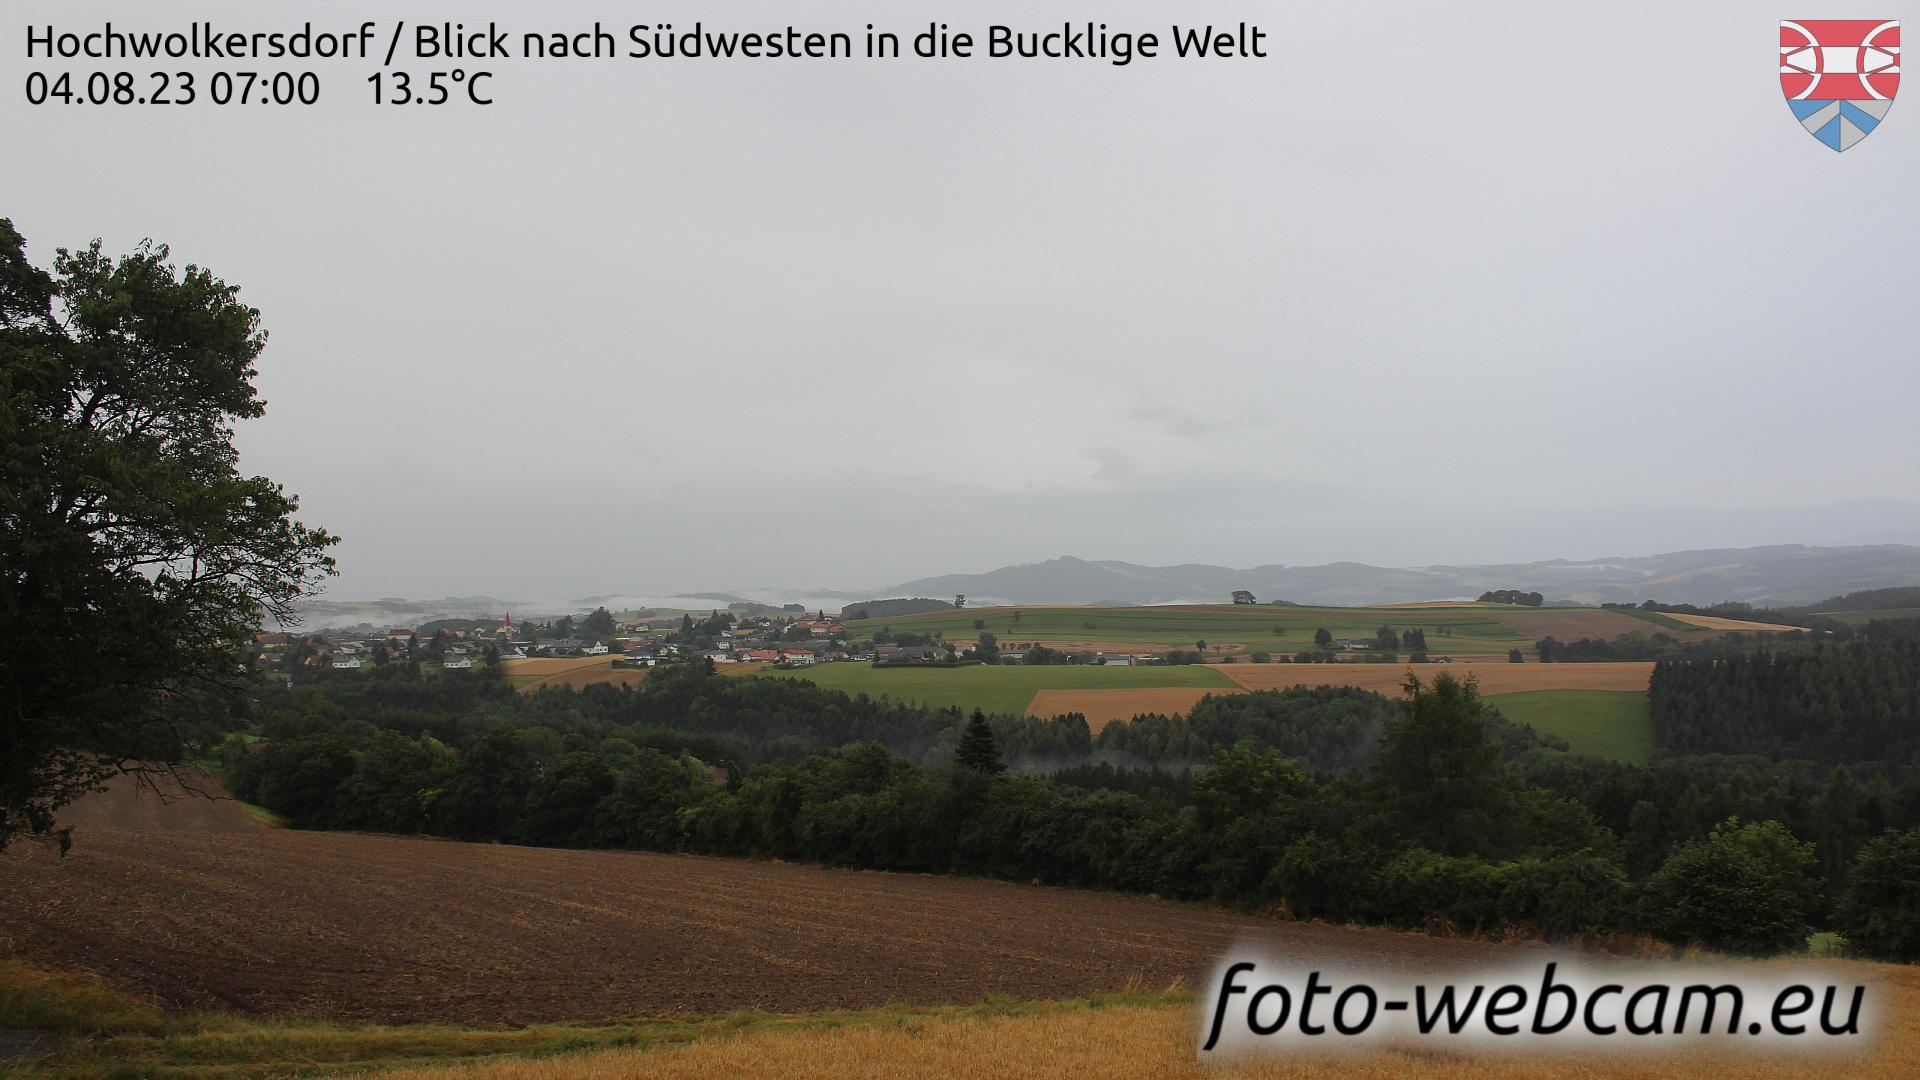 Hochwolkersdorf Wed. 07:09